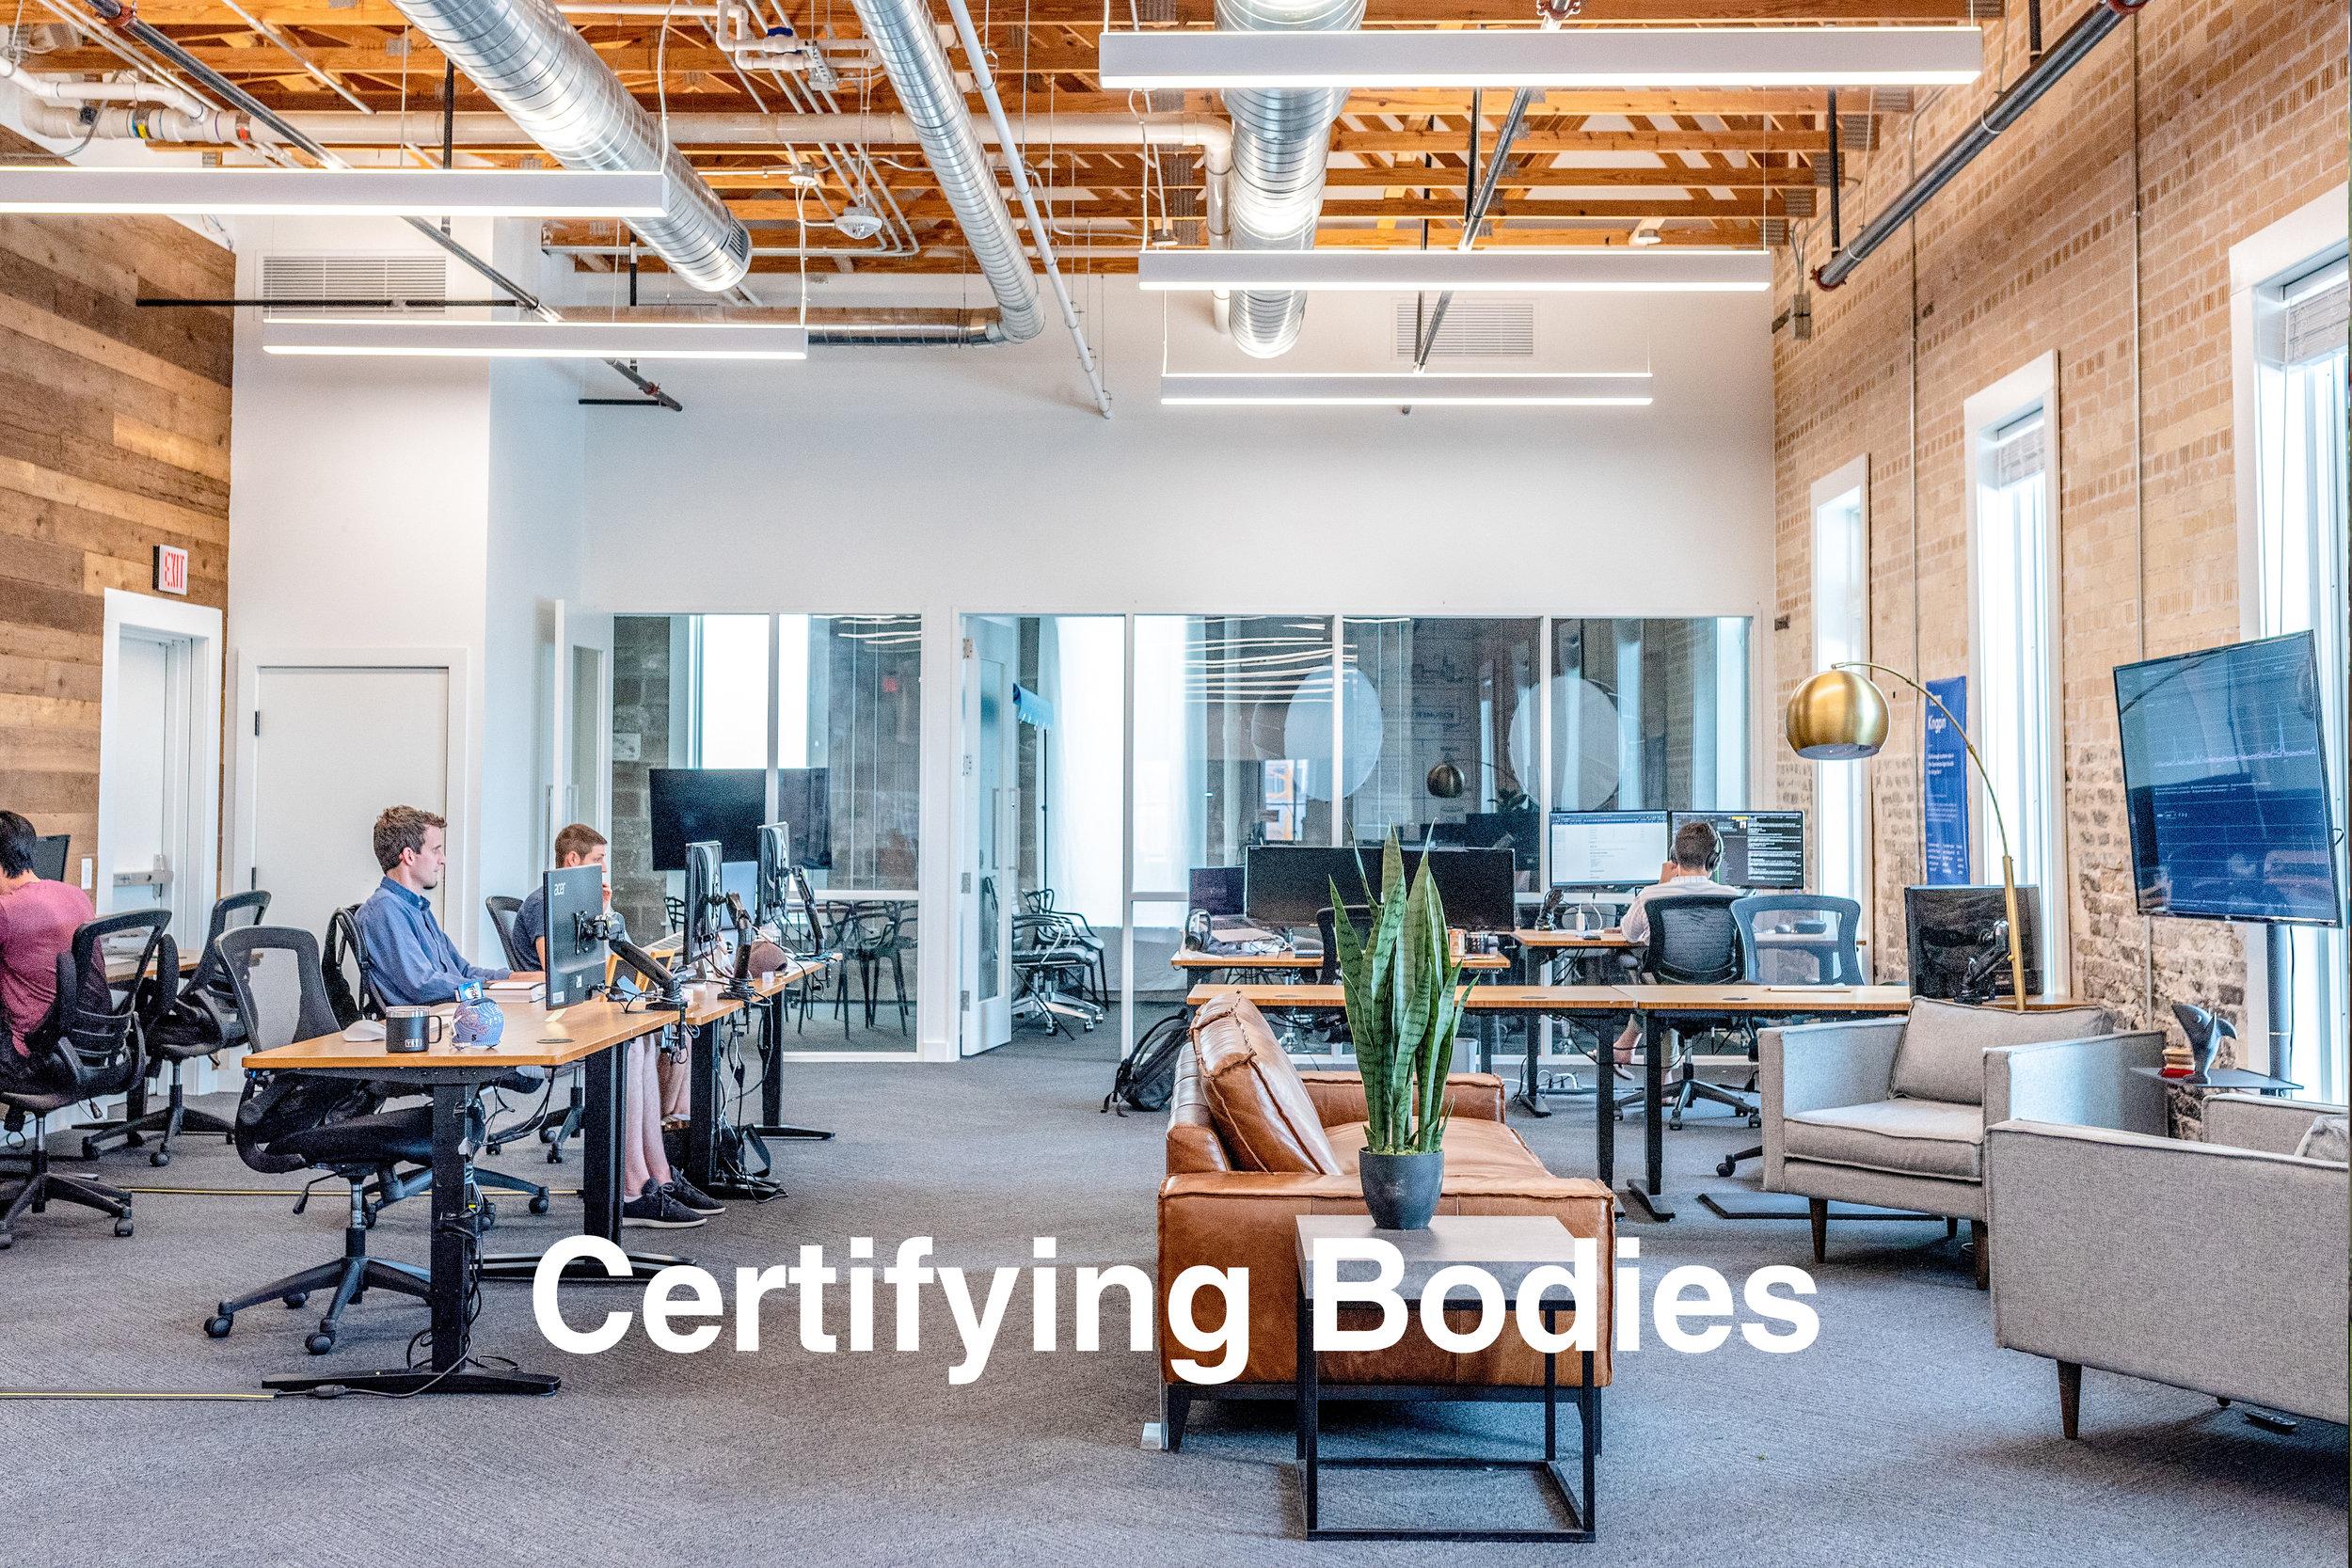 Certifying Body Text.jpg